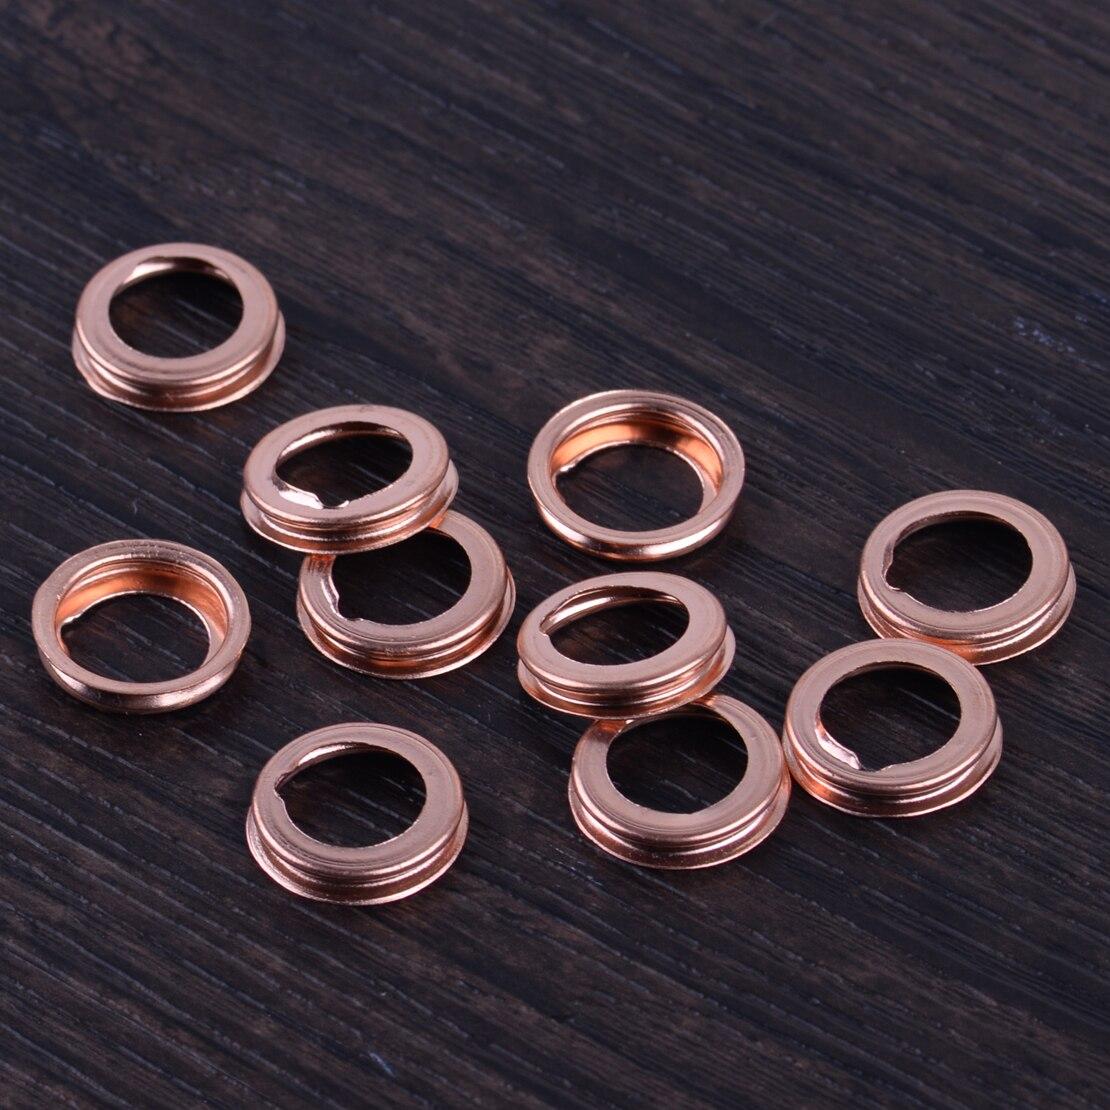 DWCX Car Copper 10PCS 11mm 0.43 Metal Oil Drain Plug Crush Washer Gasket 11026-01M02 fit for Nissan Altima 370Z Cube Frontier